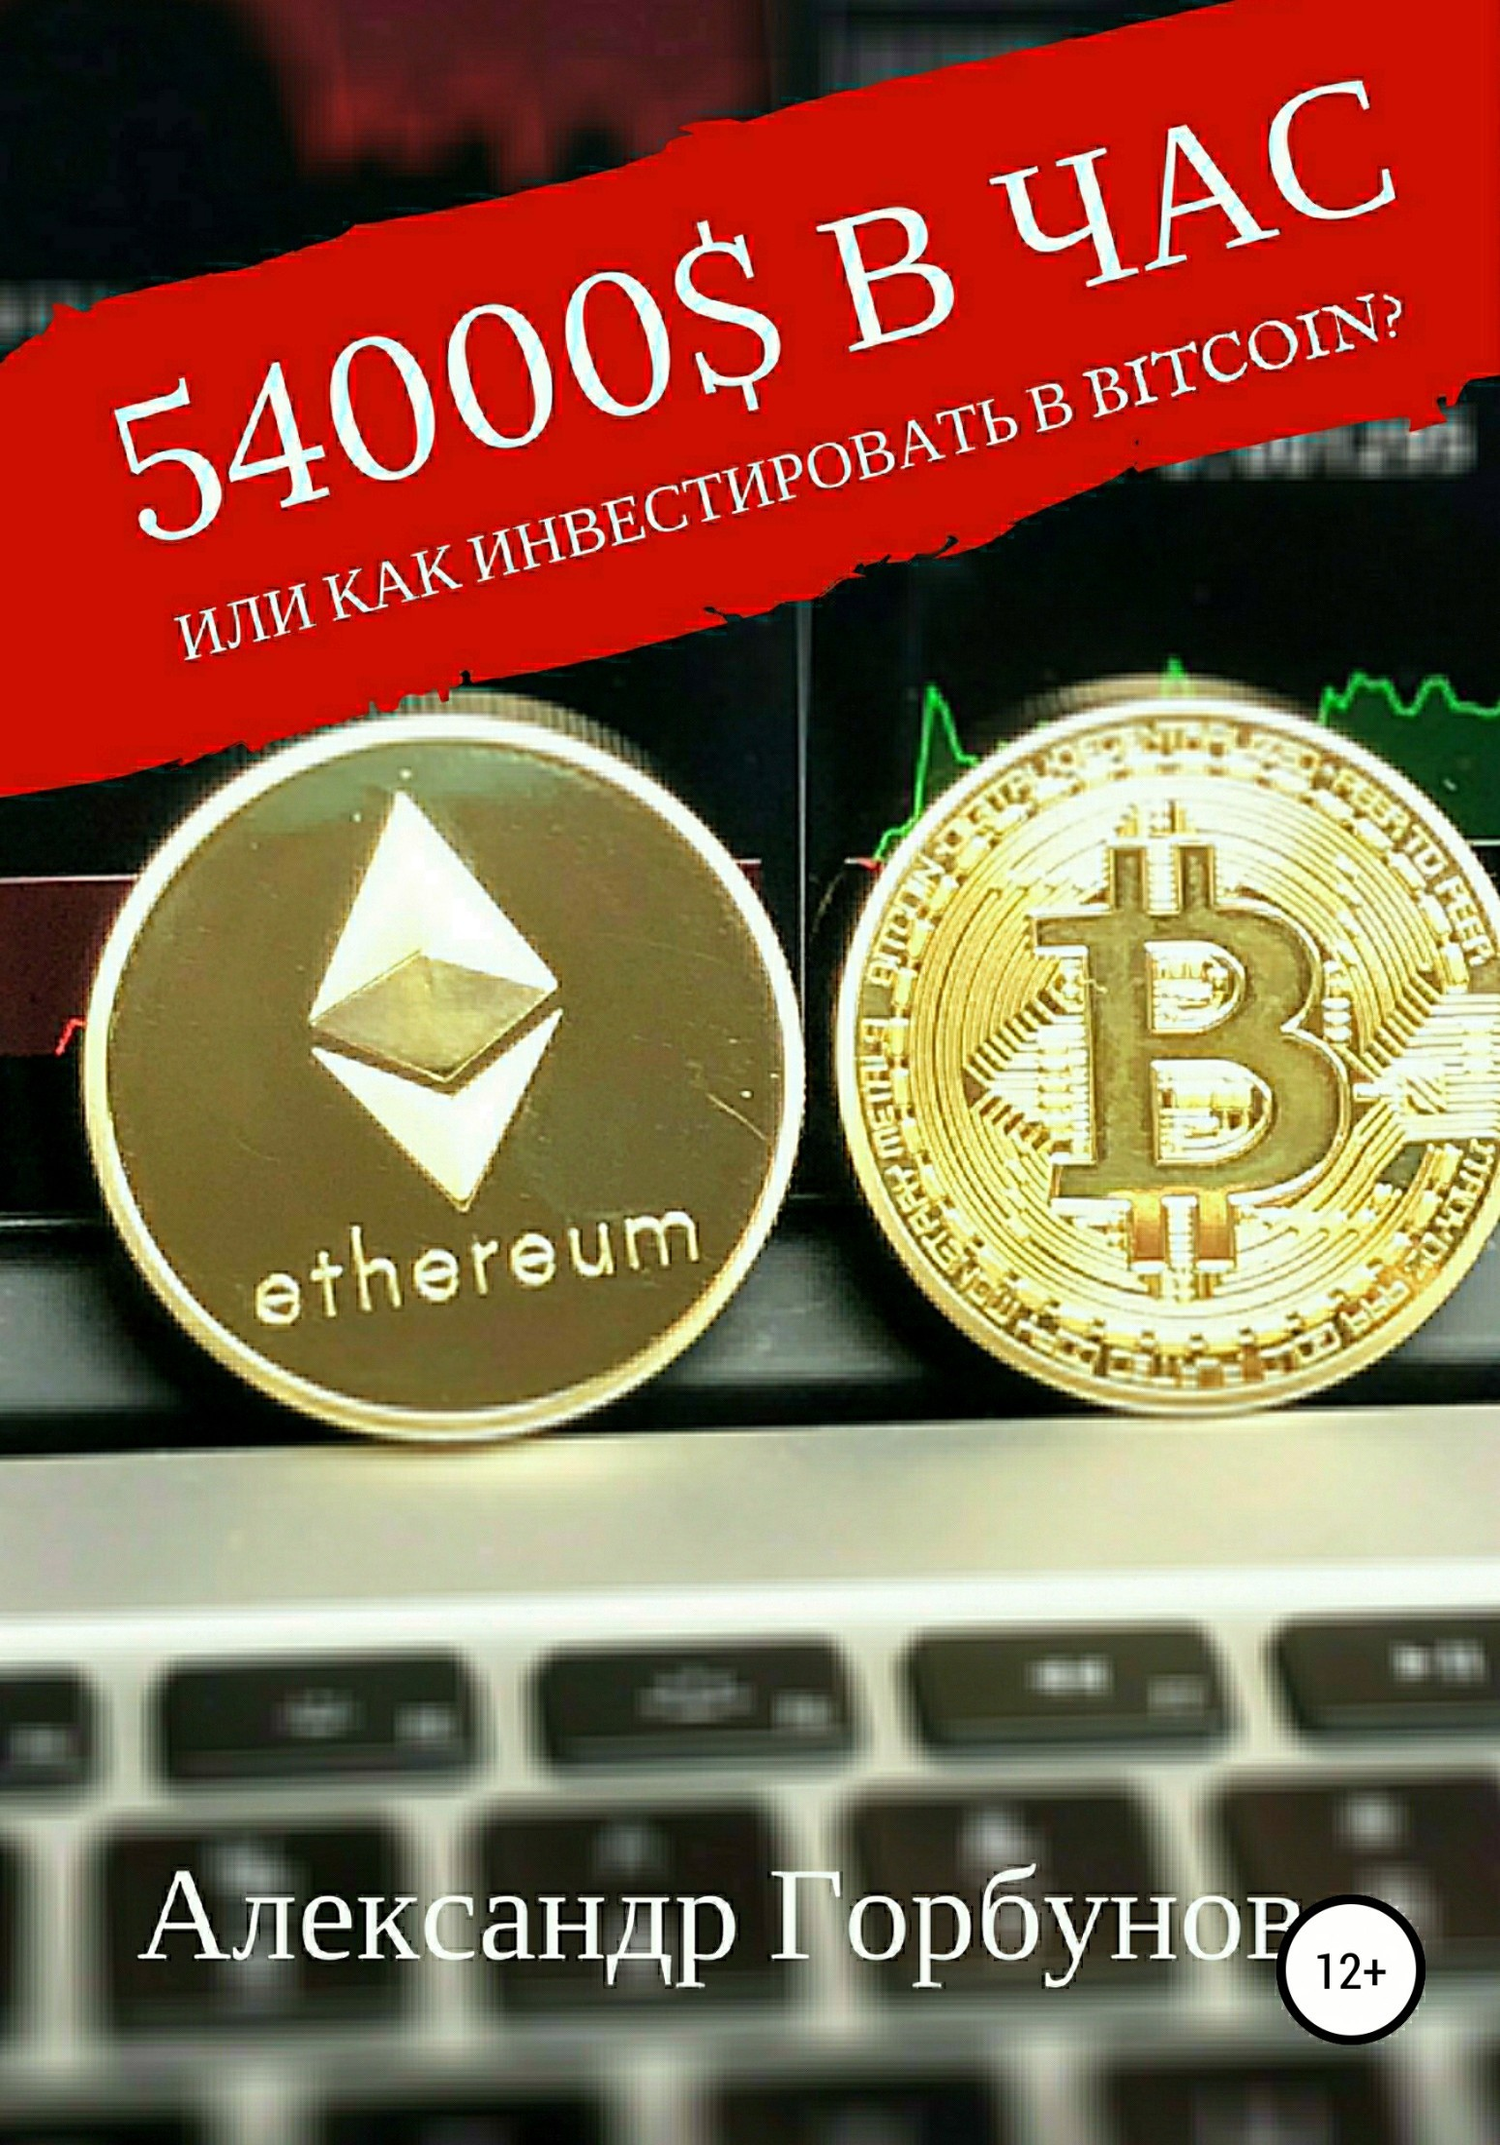 Александр Горбунов 54000$ в час или как инвестировать в Bitcoin? александр горбунов 54000$ в час или как инвестировать в bitcoin